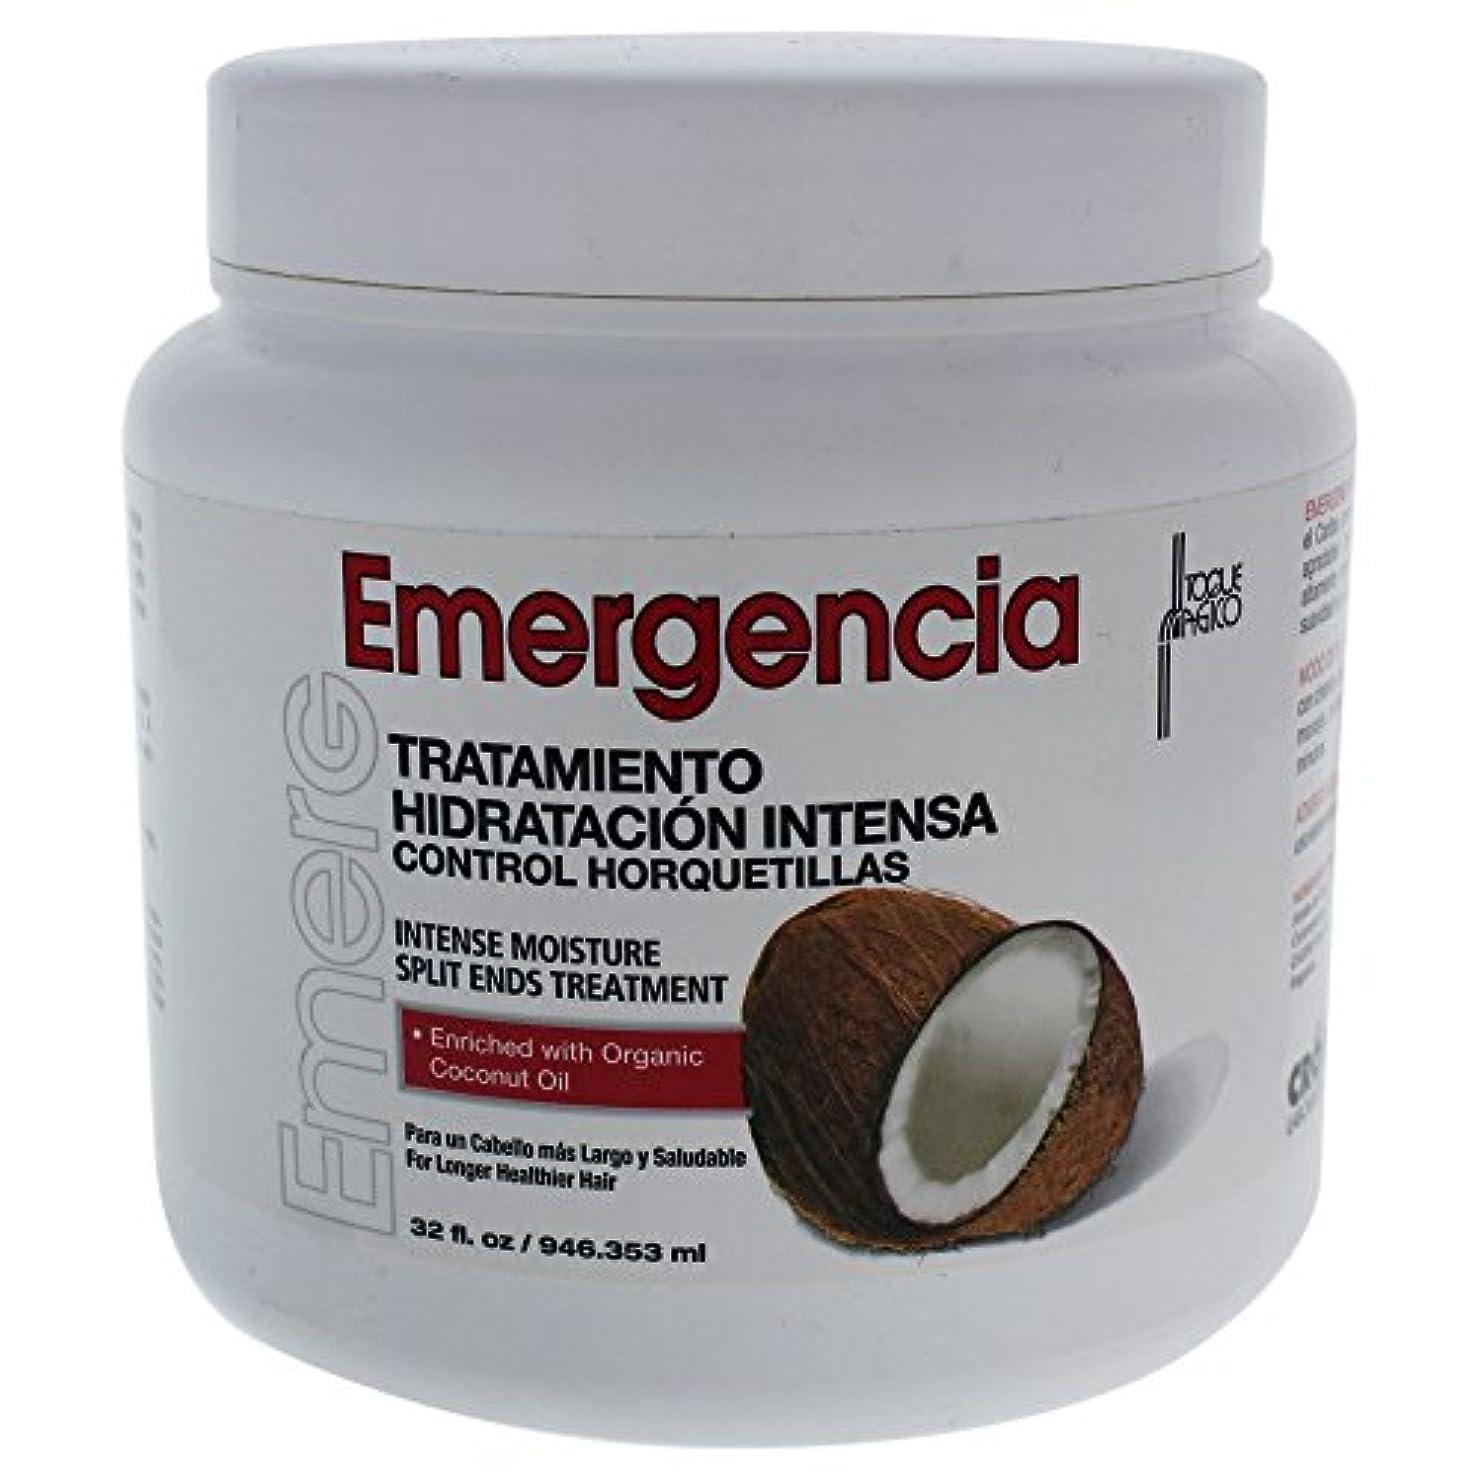 心配八百屋さんオペラToque Magico Emergencia Intense Moisture Split End Mask, 32 Ounce by TOQUE MAGICO Emergencia